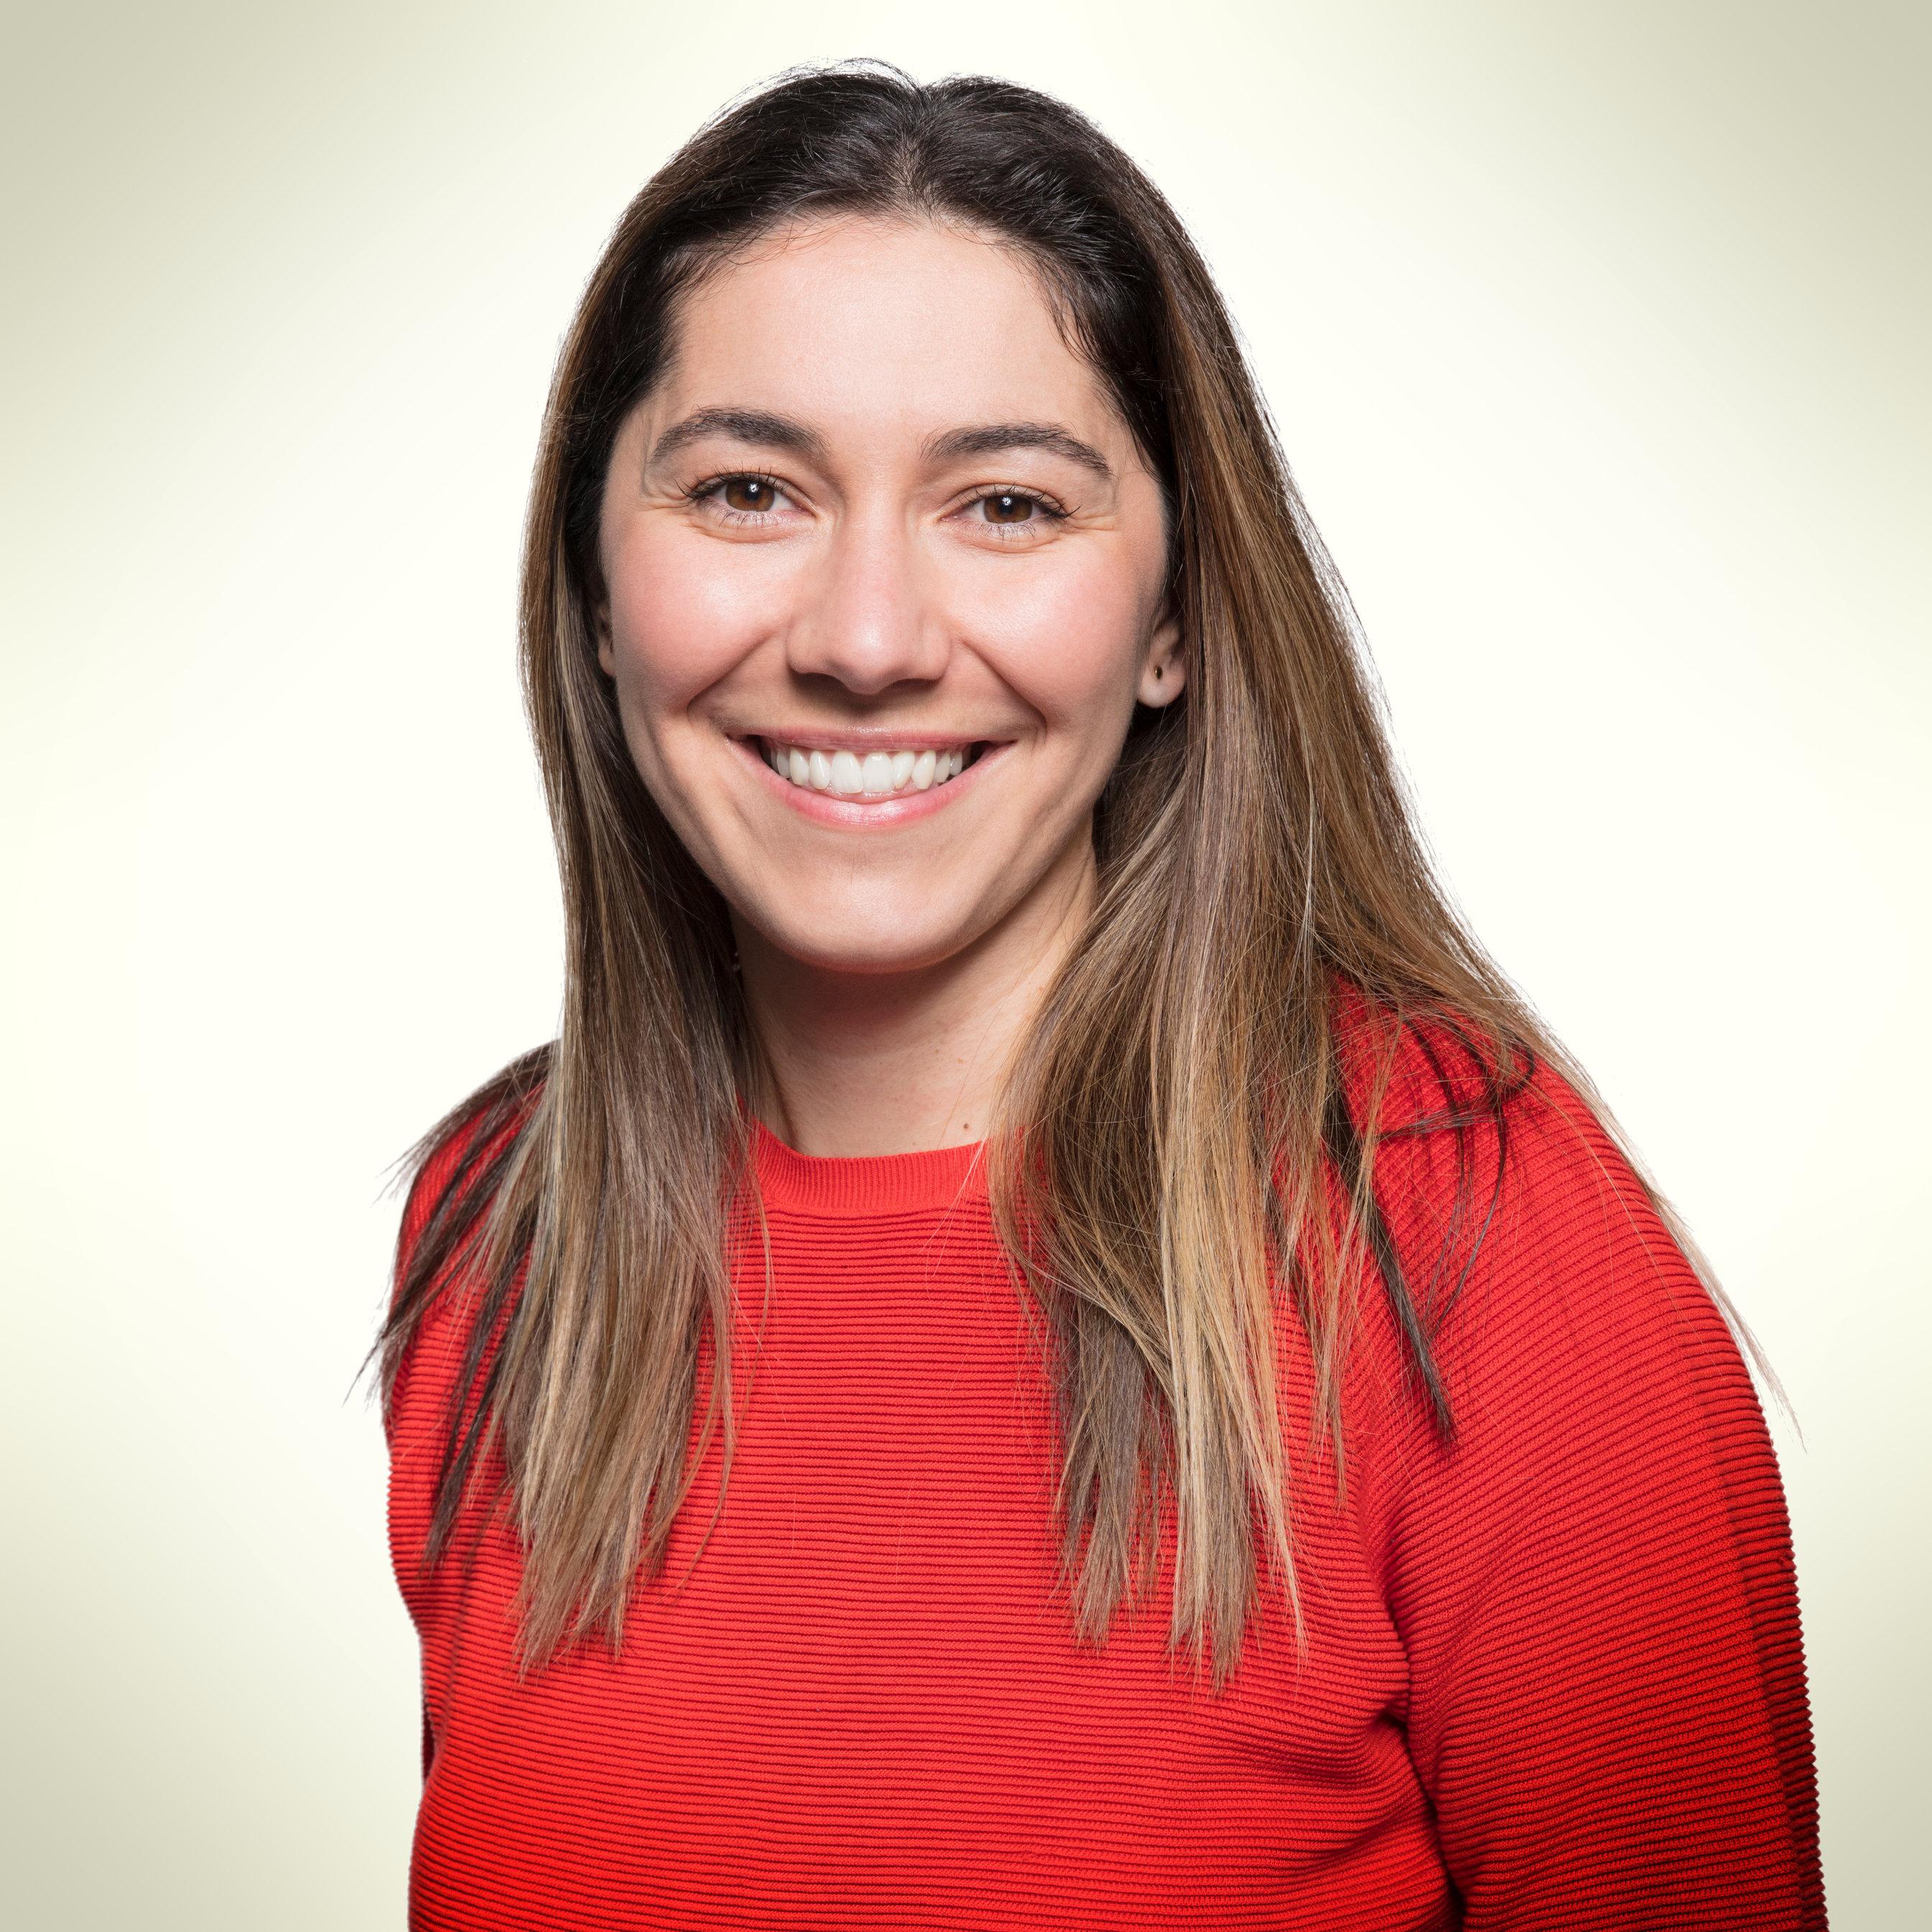 Christina Merze